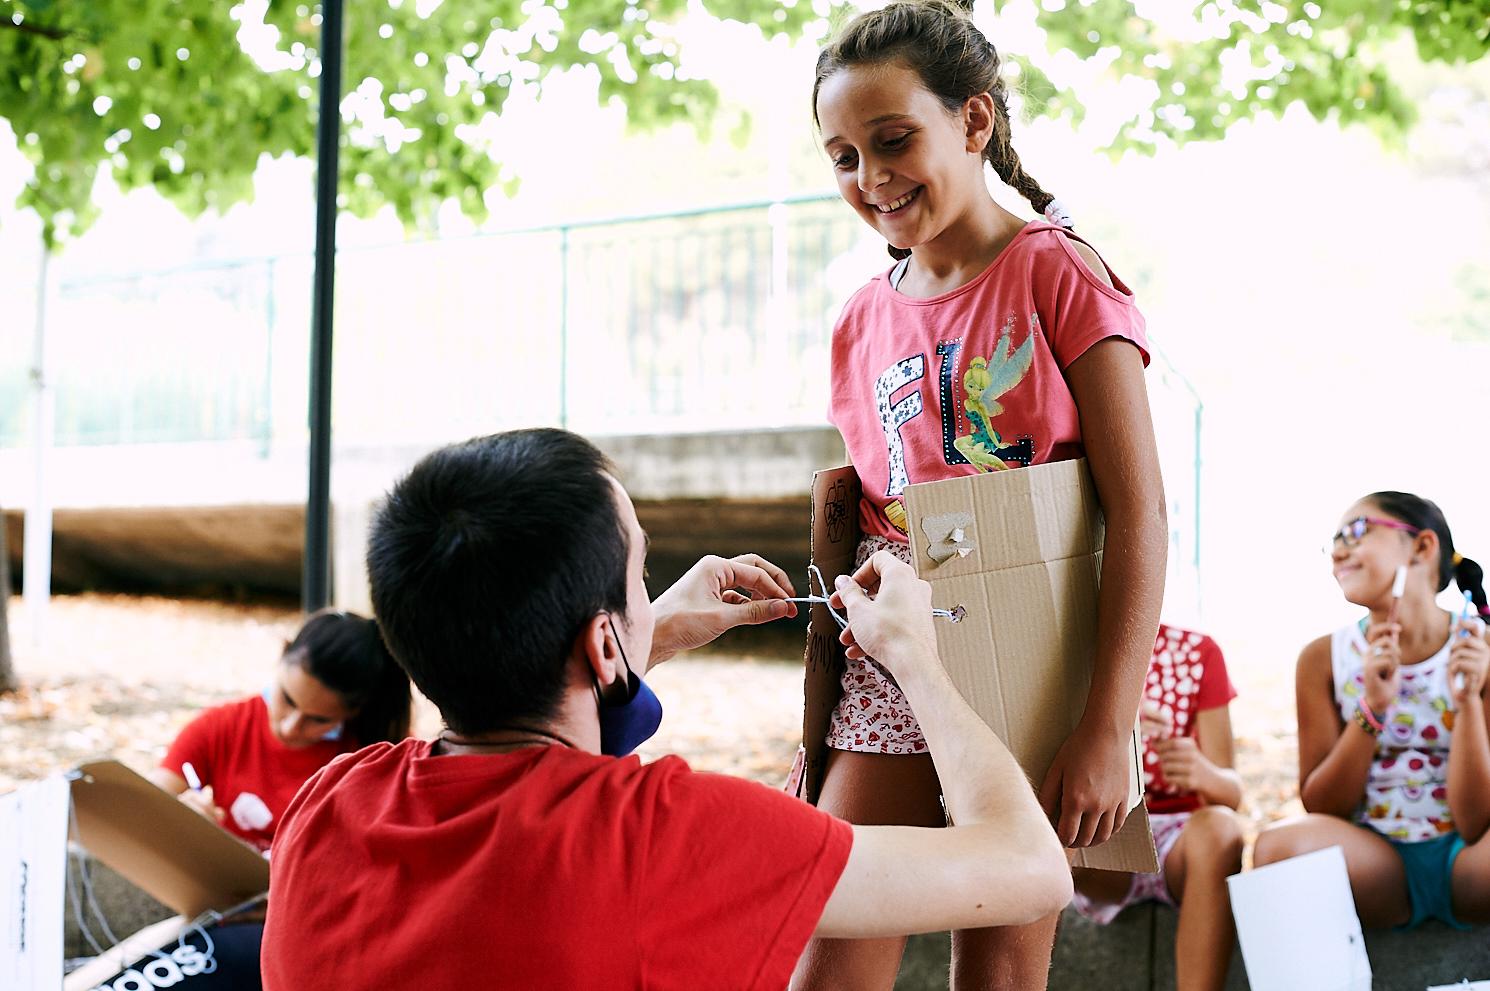 educatore aiuta bambina durante il centro estivo con materiale di riciclo